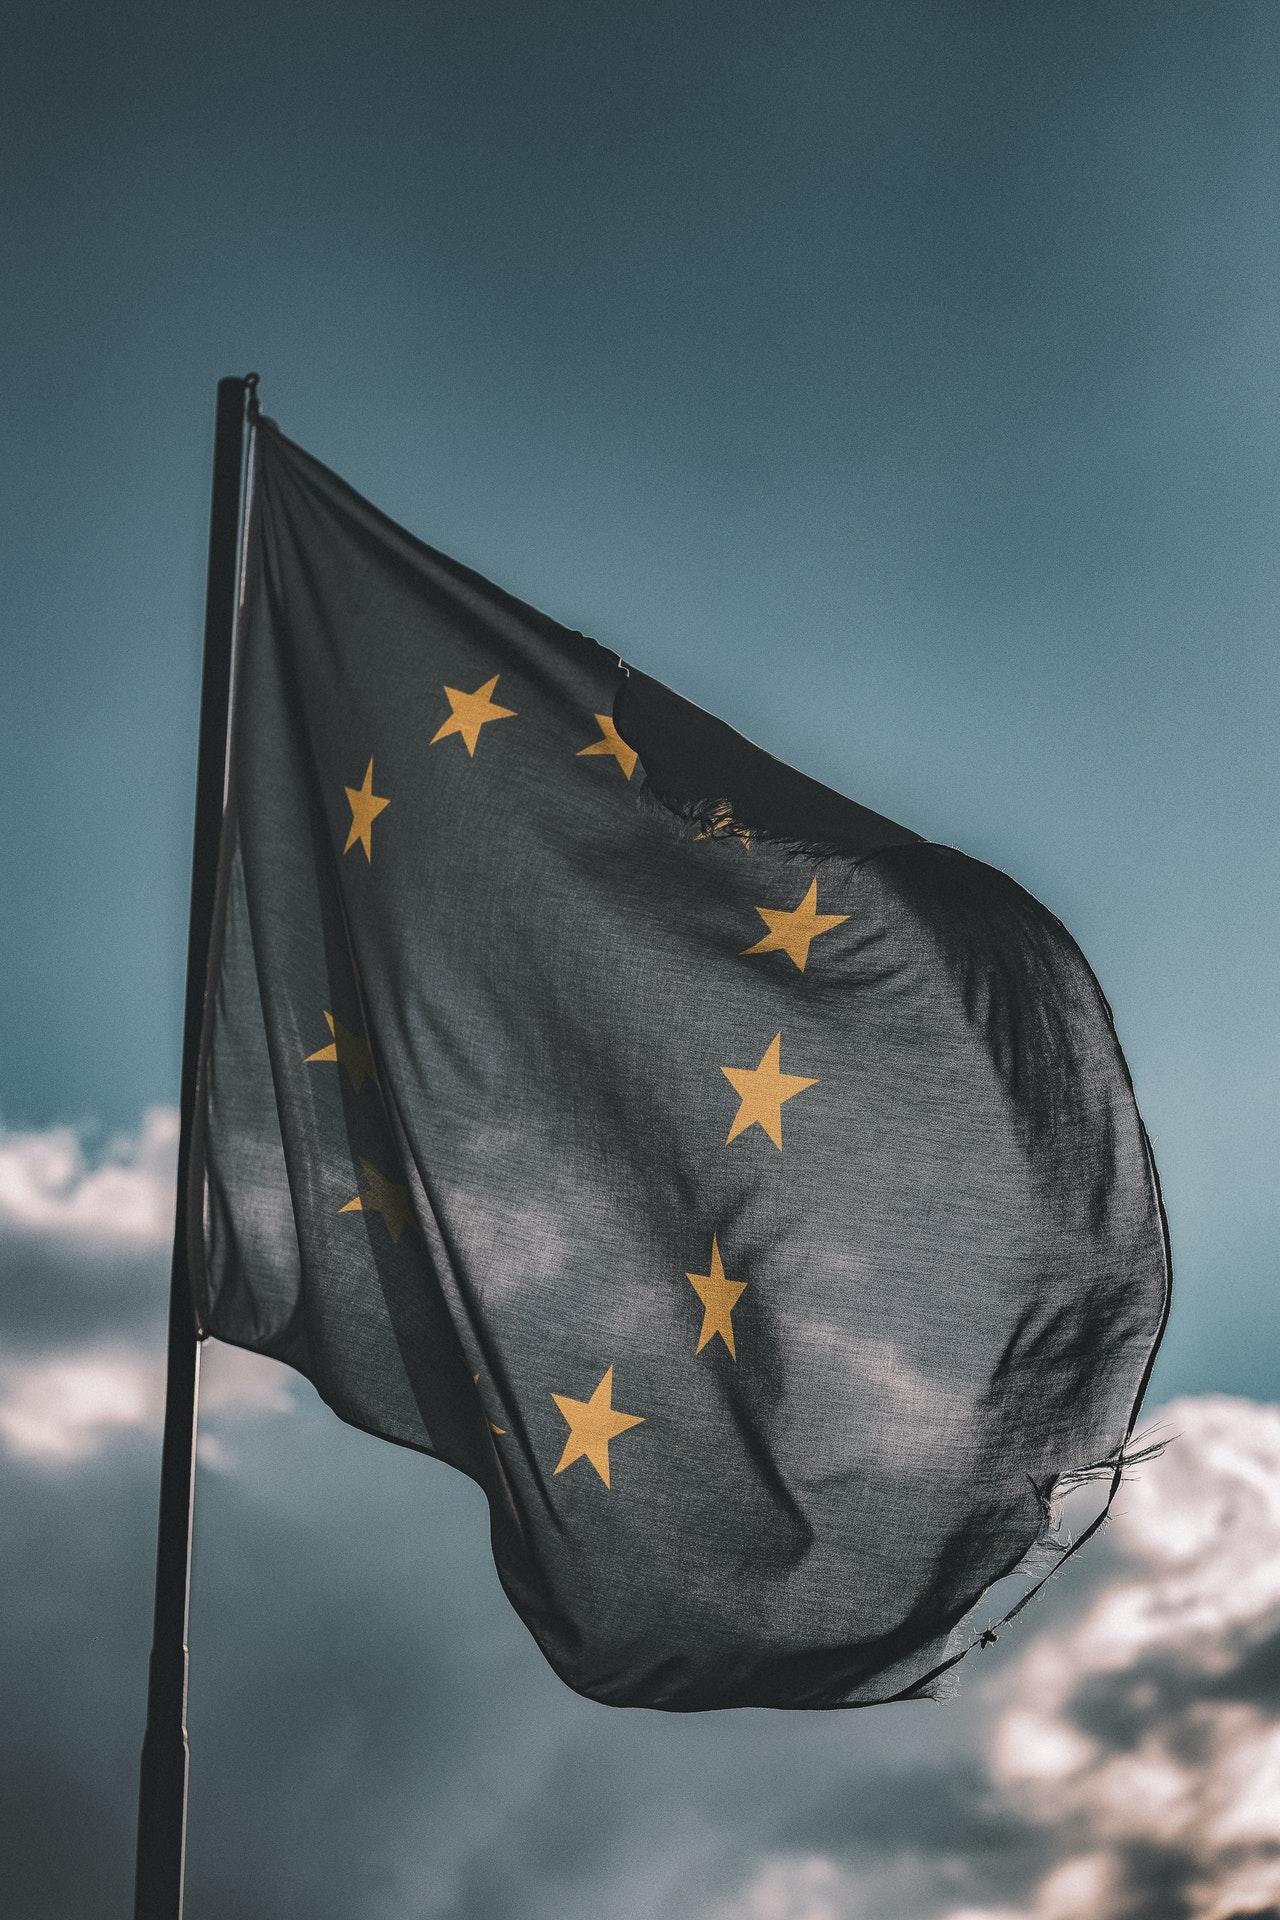 Nadal w poszczególnych państwach UE istnieją obawy co do praworządności, szczególnie w zakresie niezawisłości sądownictwa i mediów